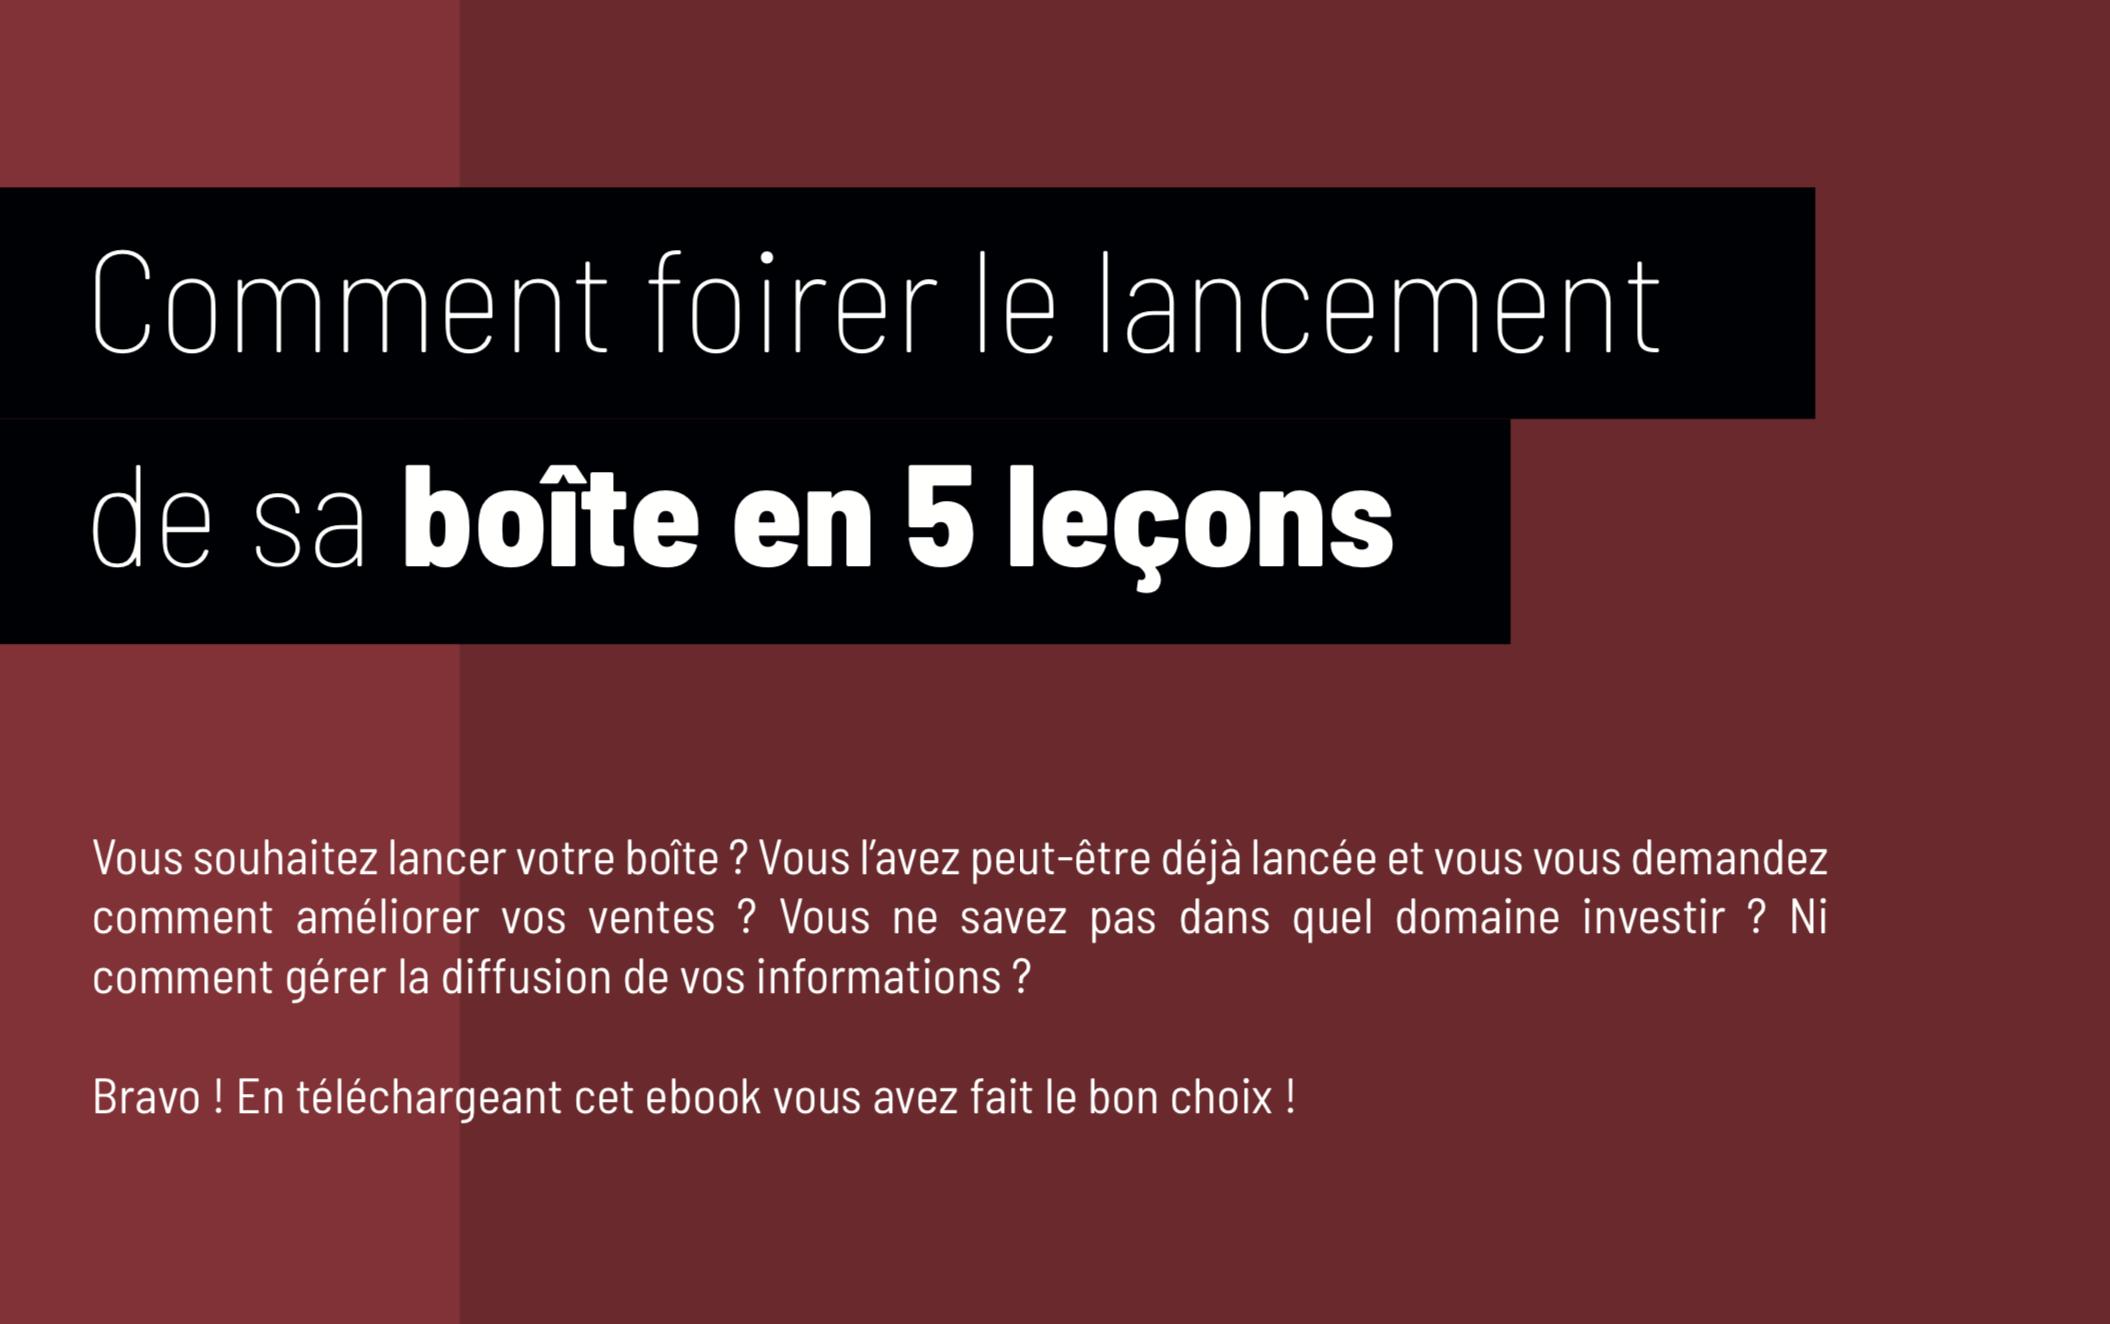 Rp Lyon